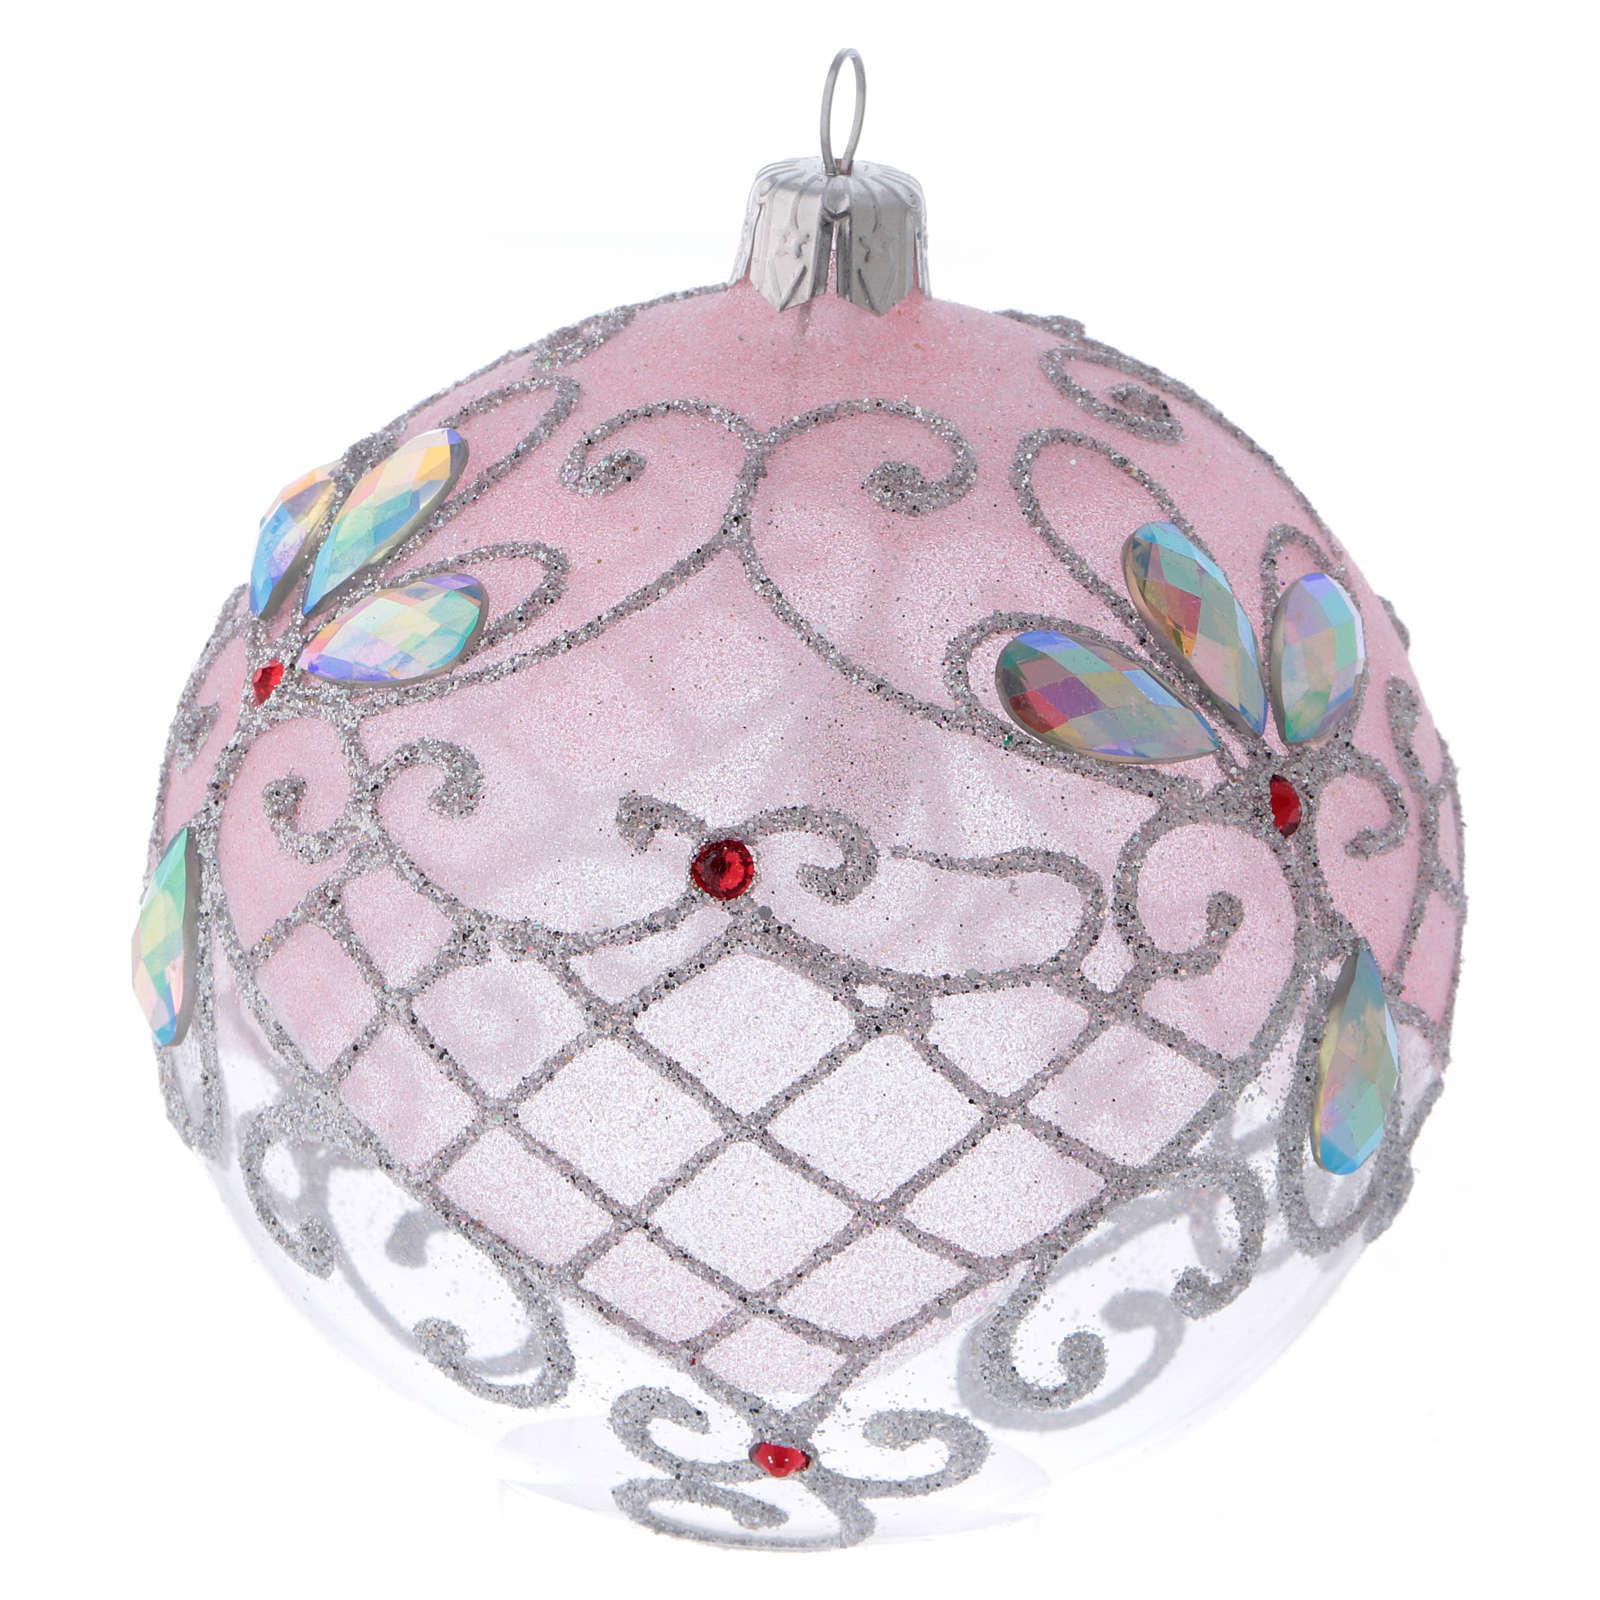 Bolita vidrio transparente decoración rosa y plata purpurina 100 mm 4